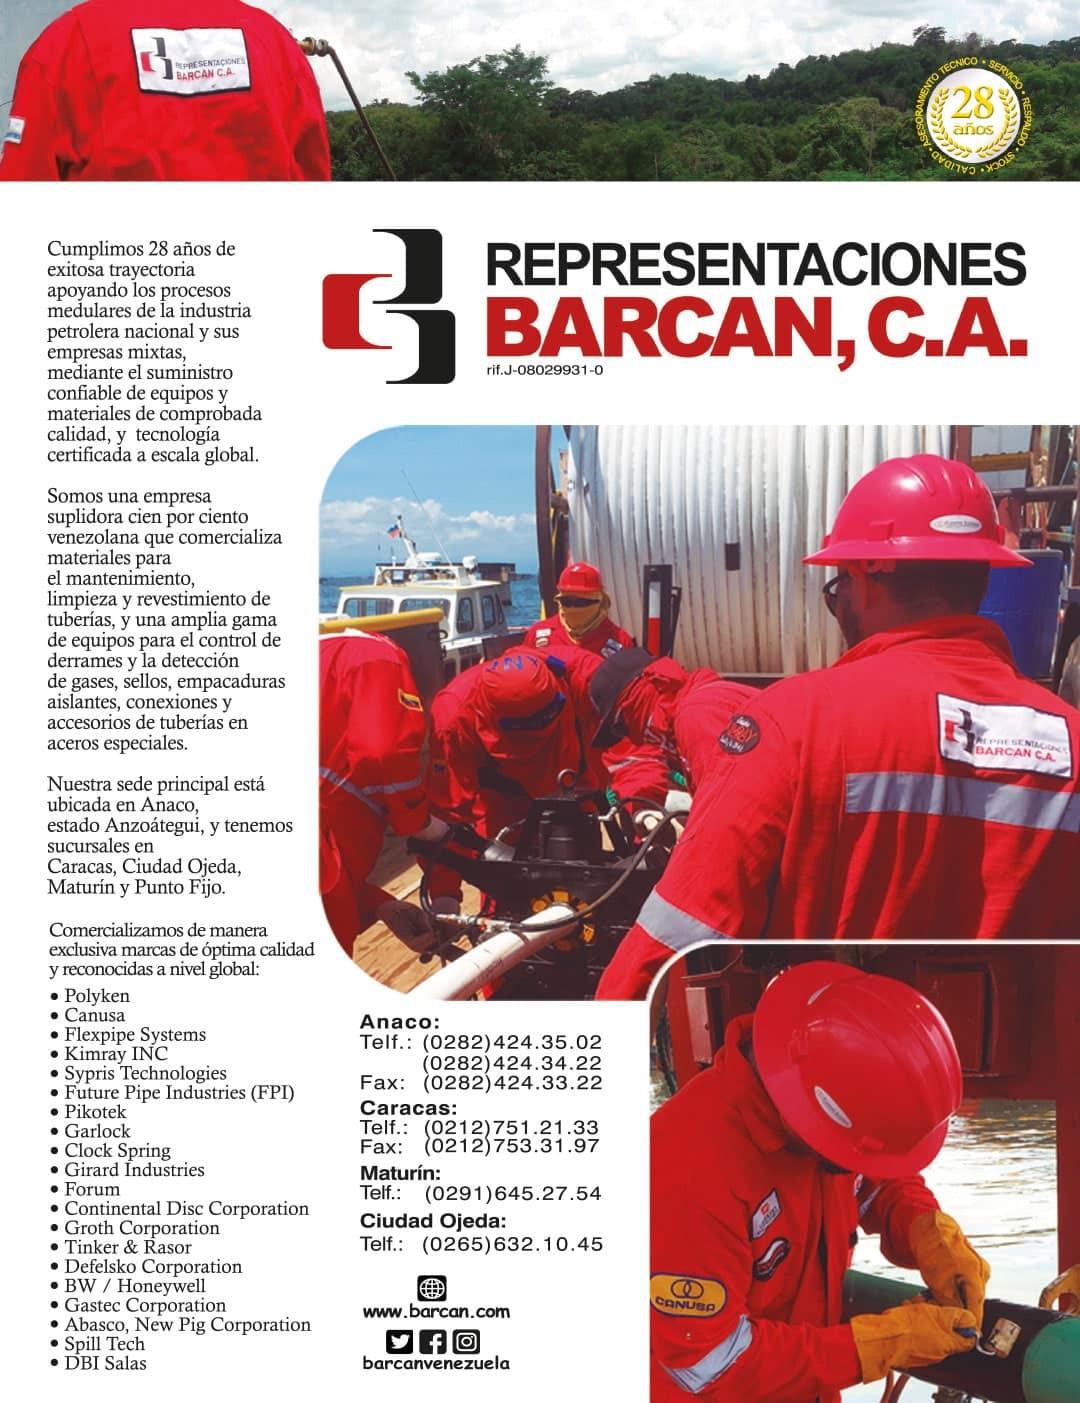 Representaciones Barcan